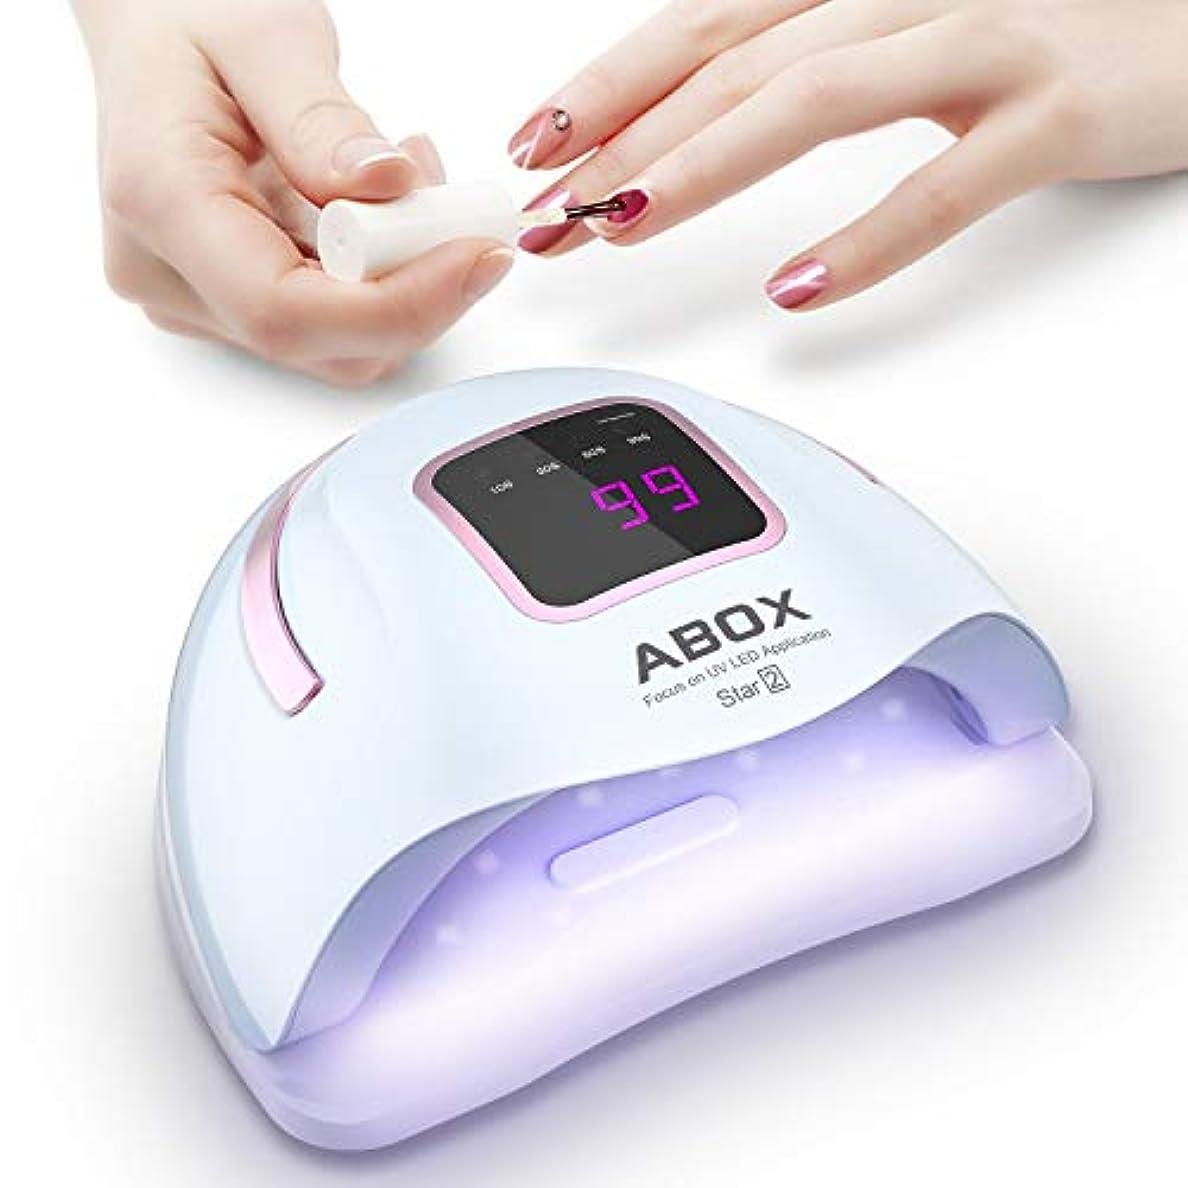 メニュークラウン幾分ネイルドライヤー ABOX 72W 硬化用UV+LEDライト 4段階タイマー付き 自動センサー 携帯便利 ポリッシュもジェルネイル対応 時間目安 日本語説明書付き